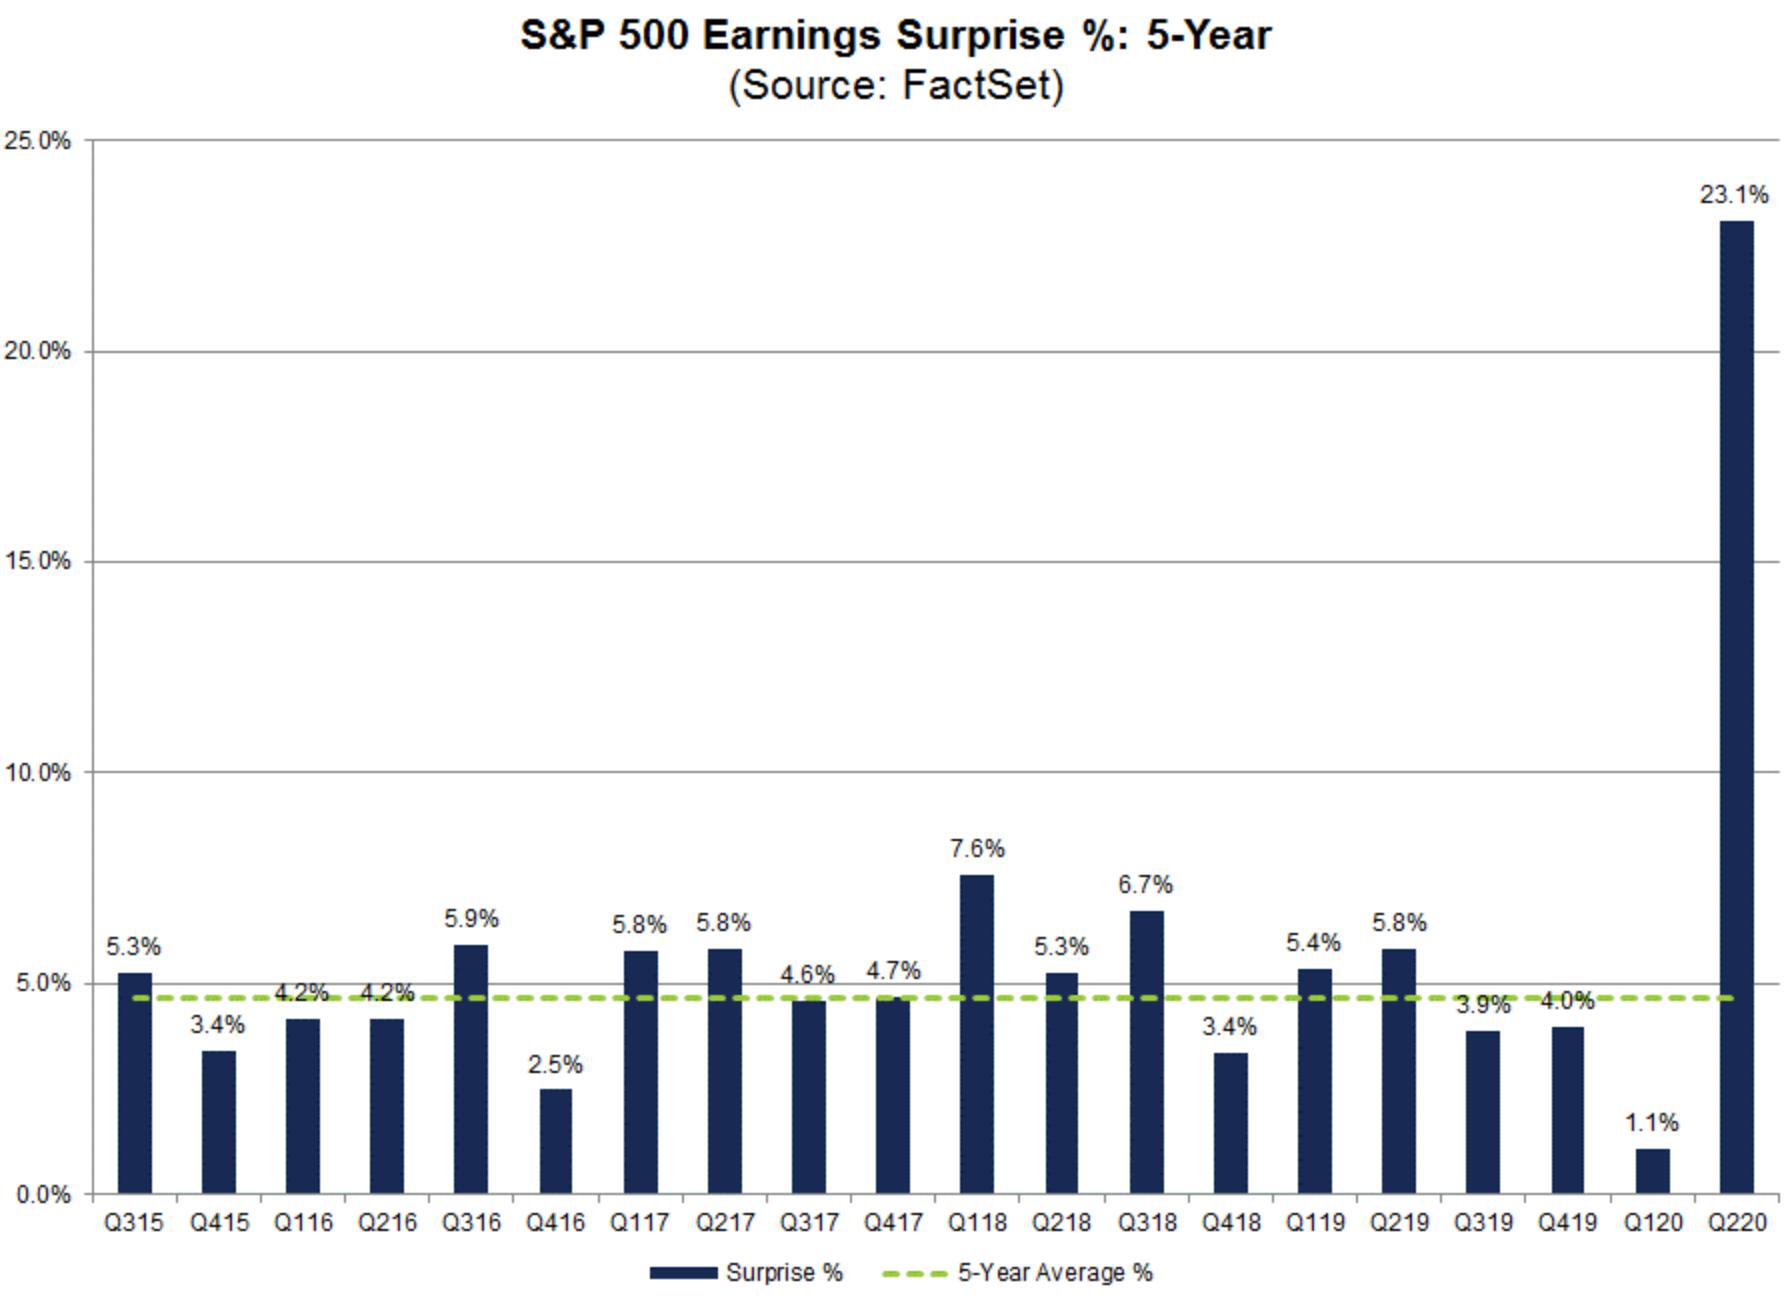 标普500成分股Q2财报近尾声,超预期家数创历史记录